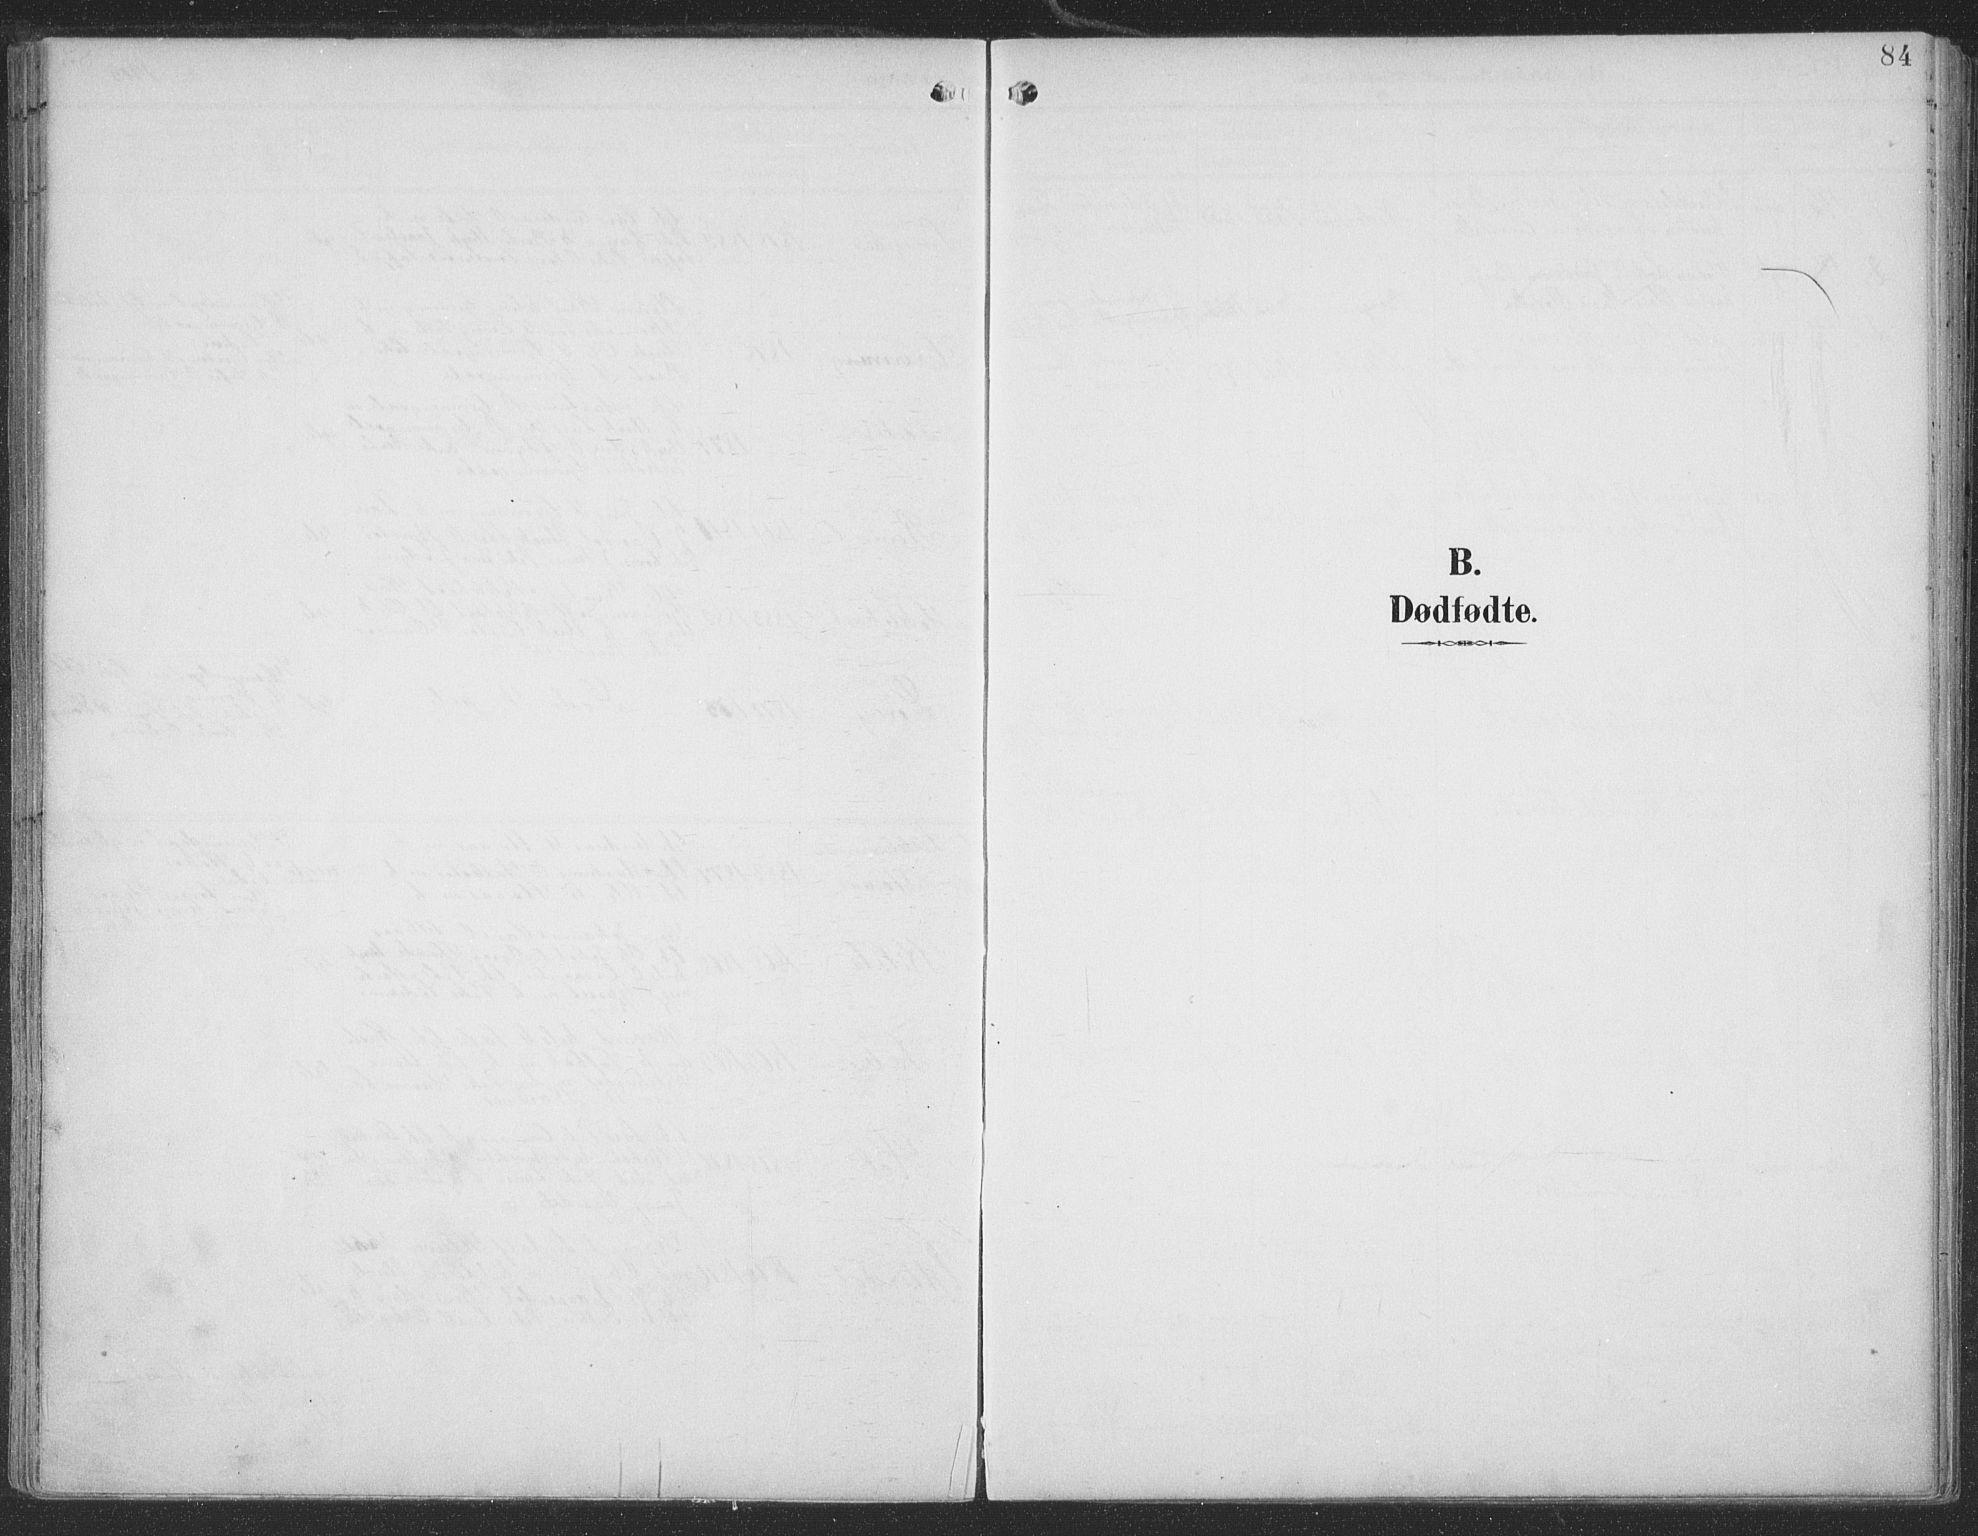 SAT, Ministerialprotokoller, klokkerbøker og fødselsregistre - Møre og Romsdal, 519/L0256: Parish register (official) no. 519A15, 1895-1912, p. 84